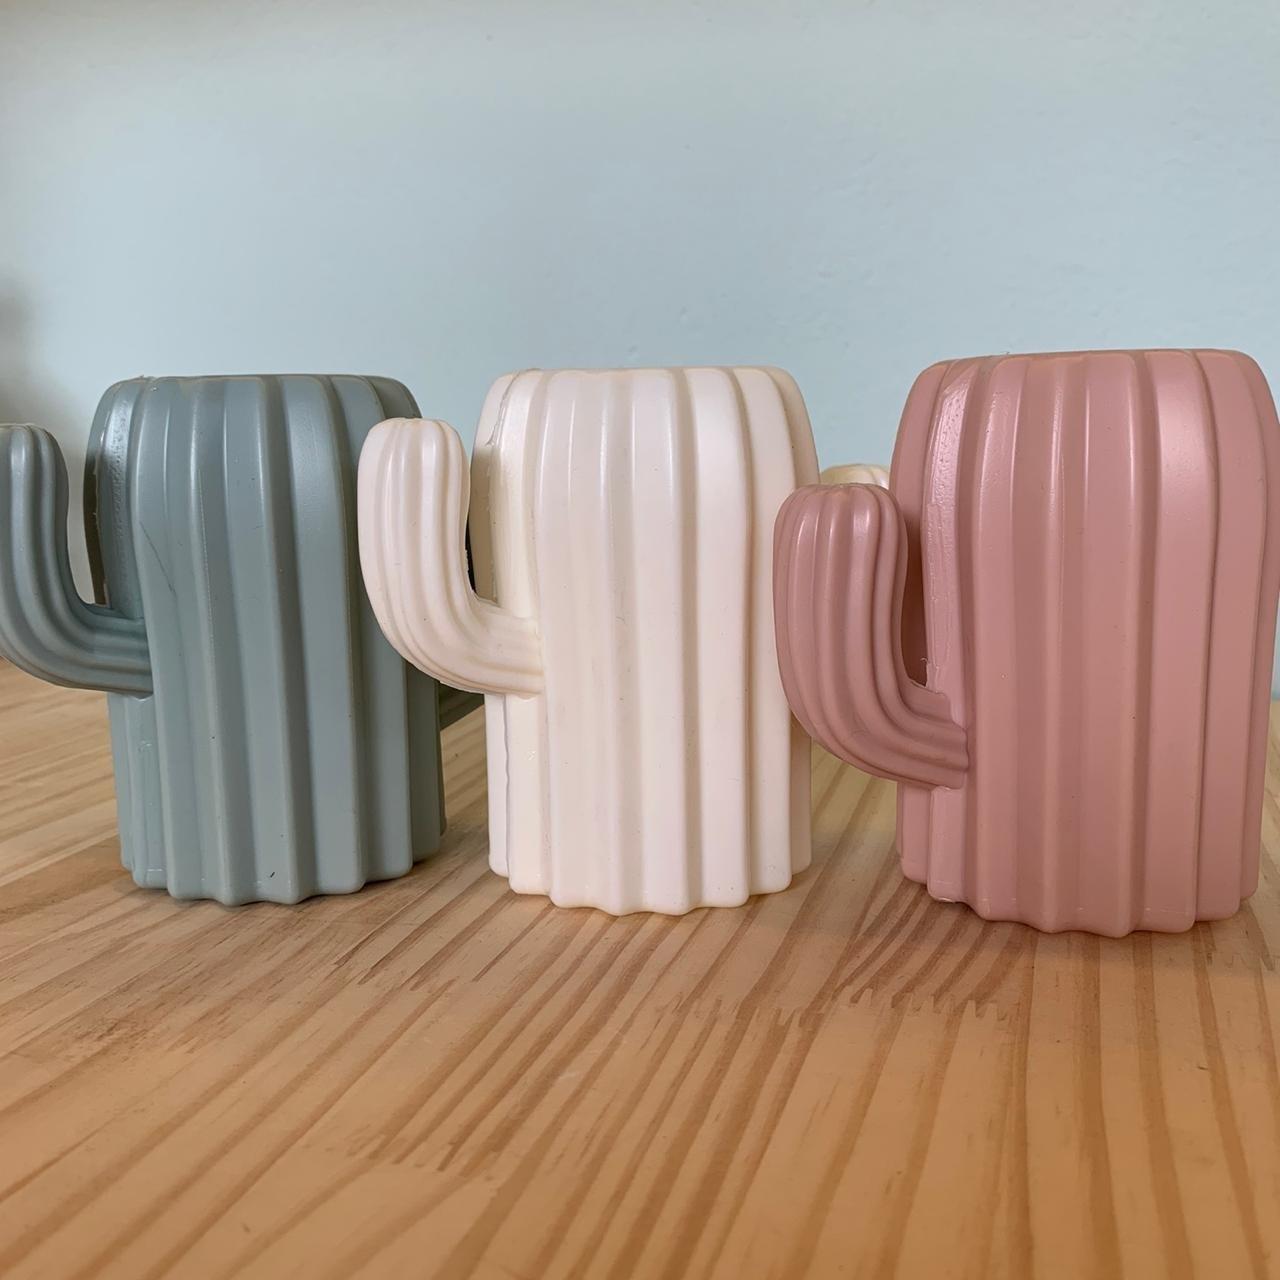 Vaso Decorativo de Plástico Cacto Colors Branco | Importado